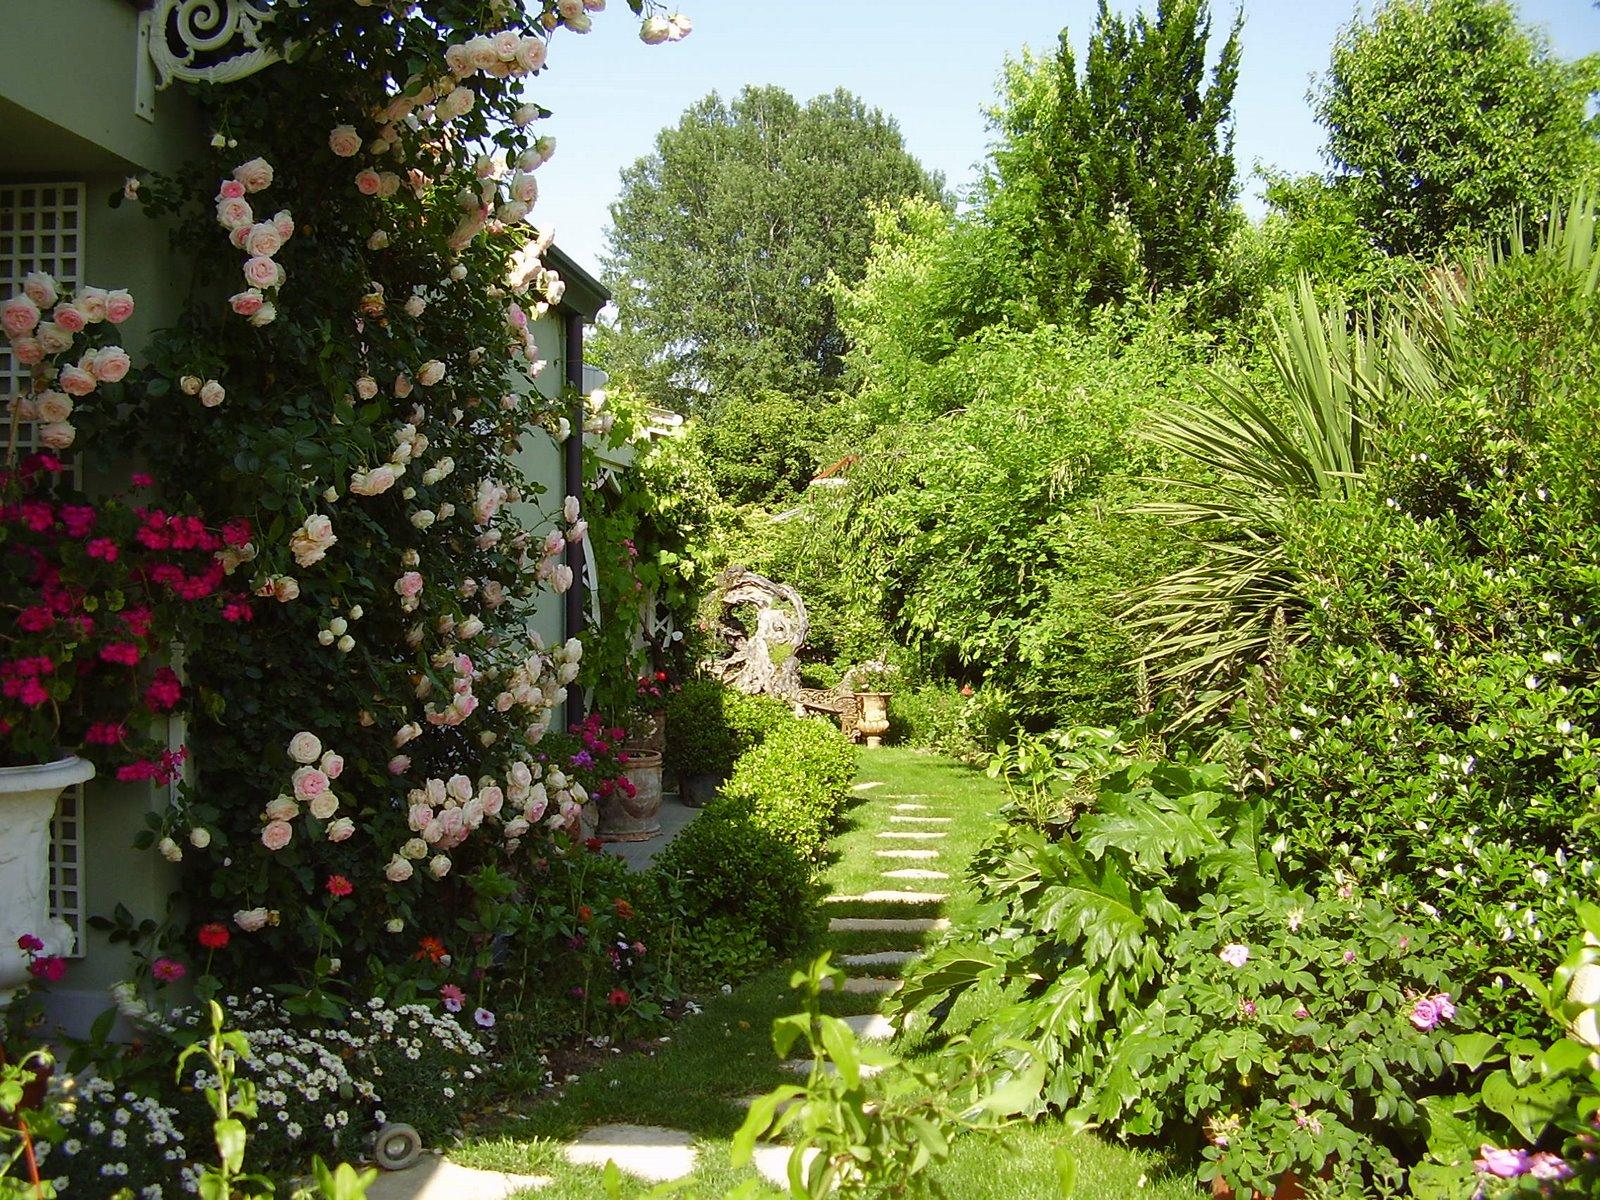 Verdiprogetti architettura del paesaggio progetto di for Architettura giardini